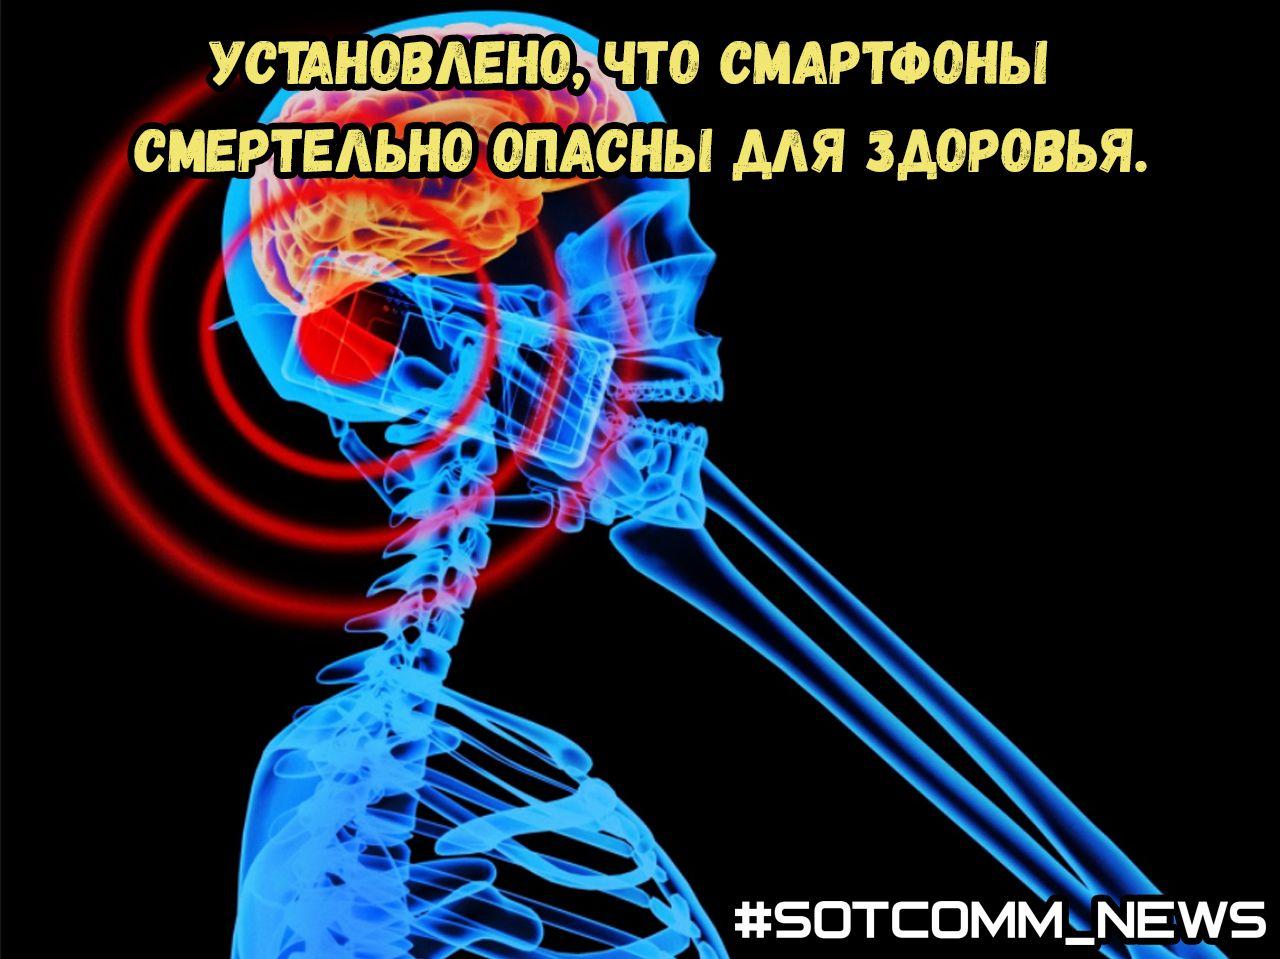 Установлено, что смартфоны смертельно опасны для здоровья.